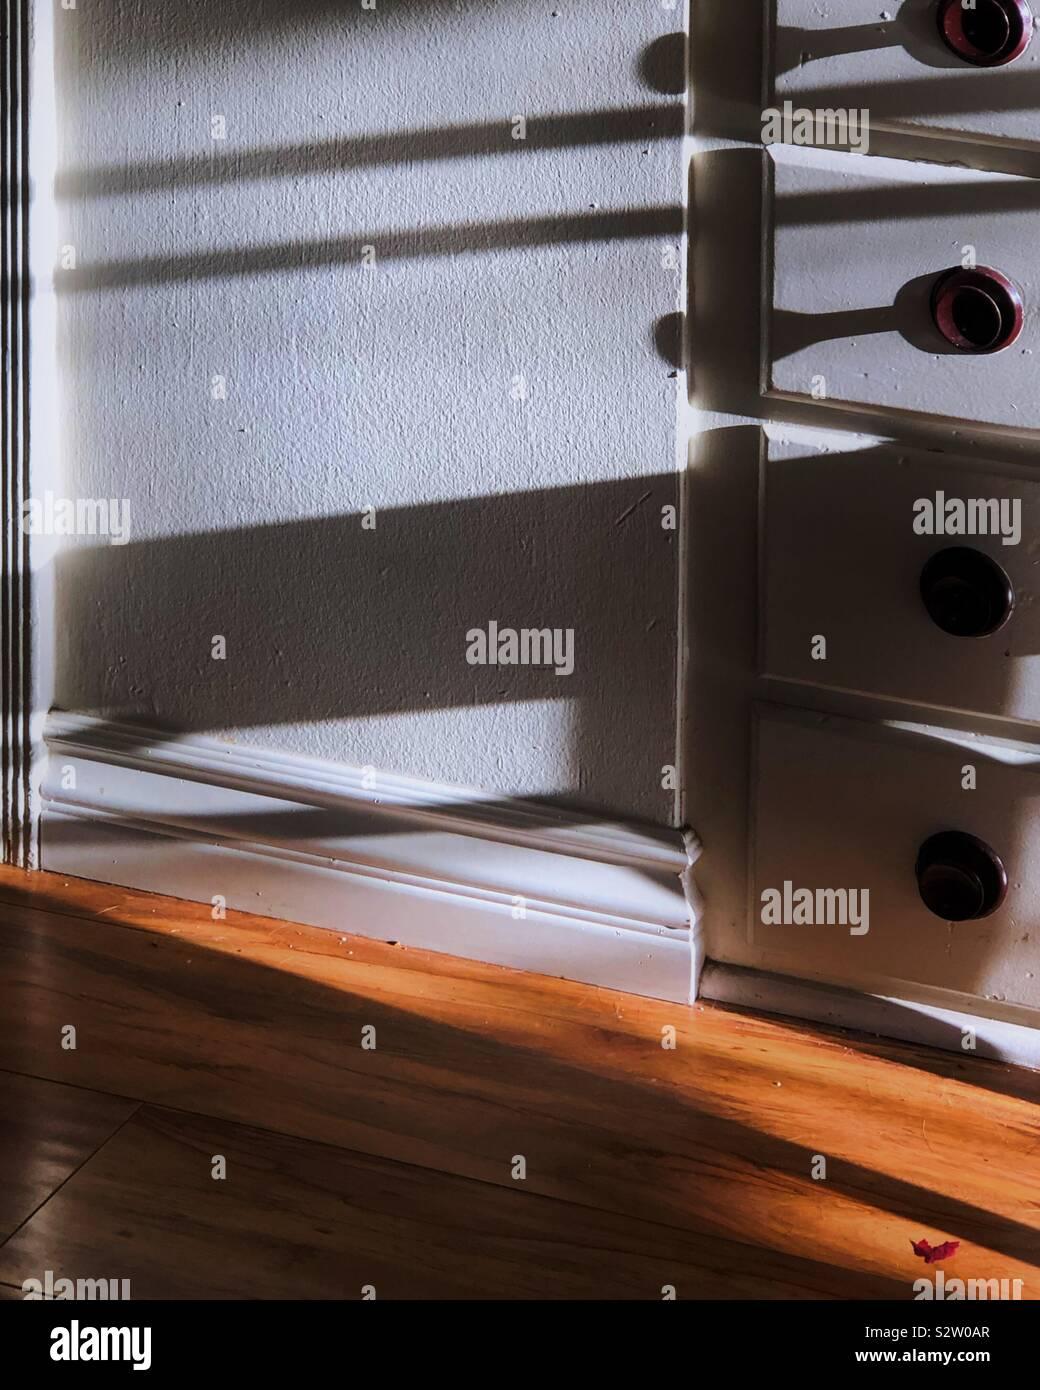 Am frühen Abend Schatten, die sich über einen eingebauten Schreibtisch und Schrank. Die Hartholzböden kick up viel Umgebungslicht. Stockfoto